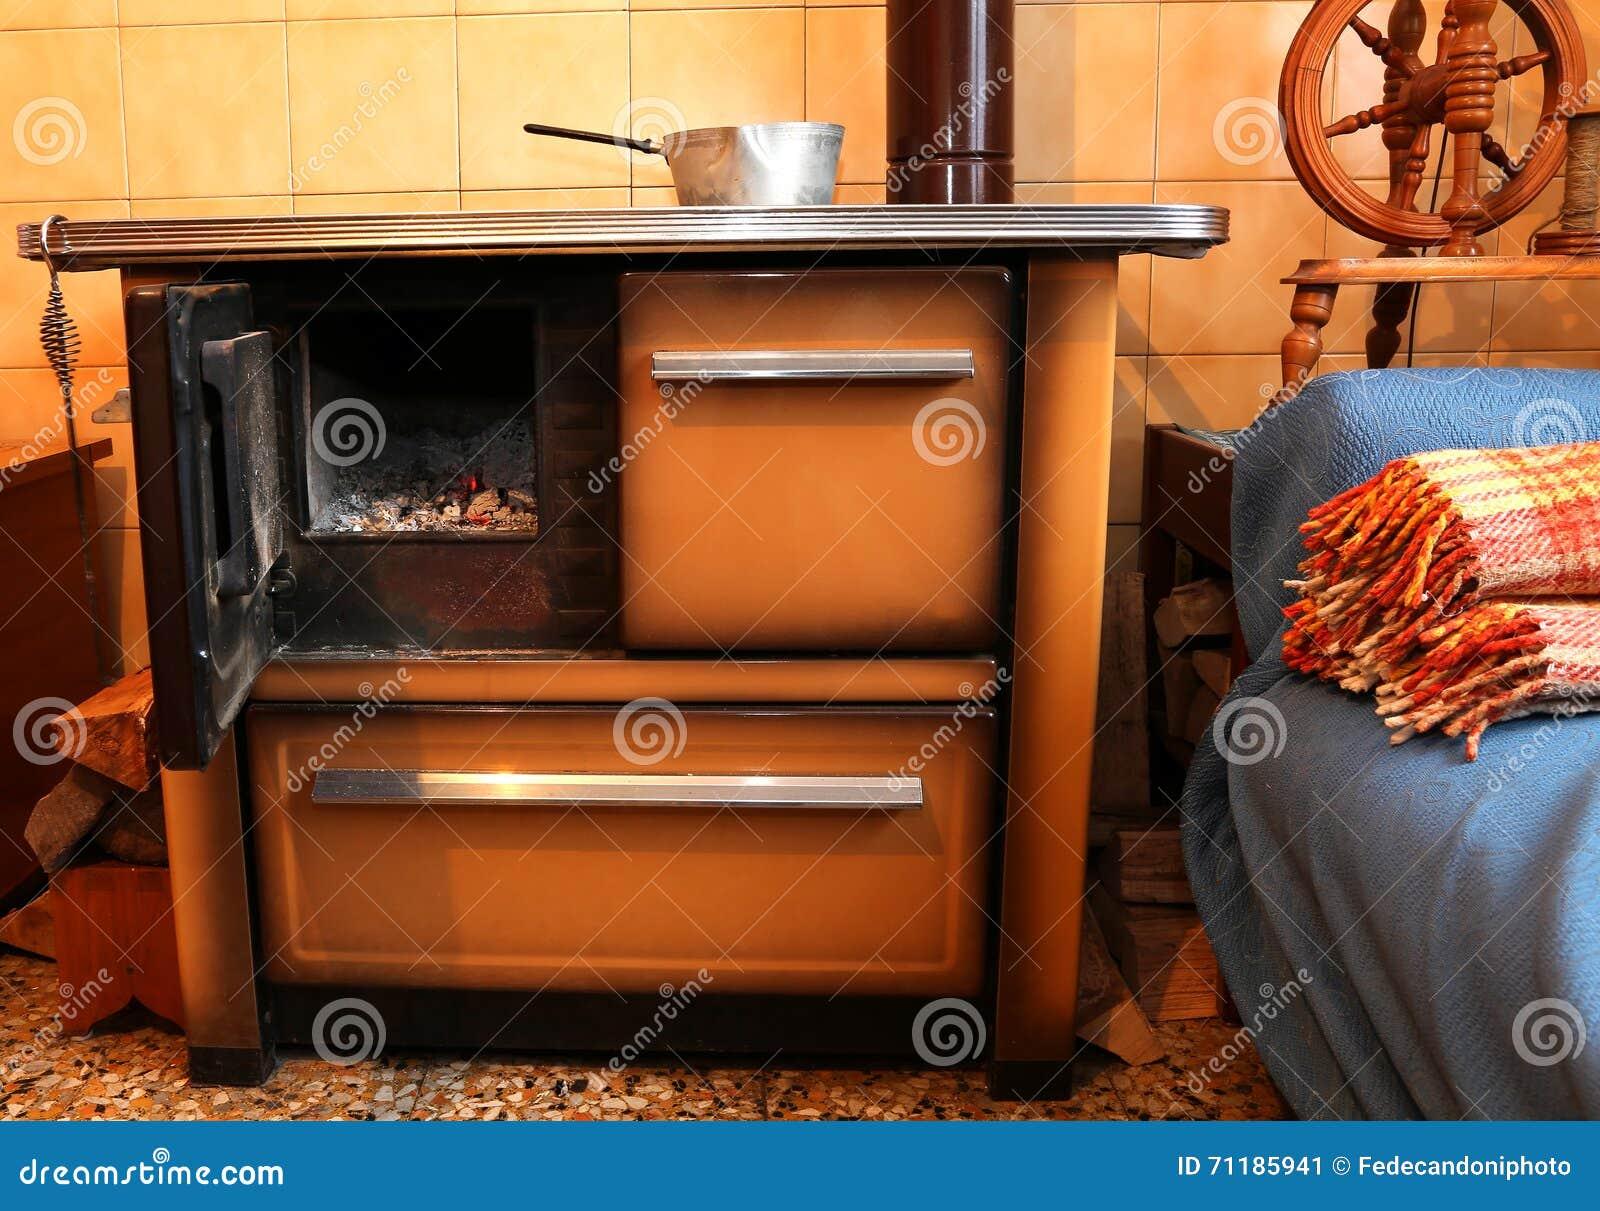 Stufa Cucina A Legna Antica.Stufa A Legna Nella Cucina Della Casa Antica Immagine Stock